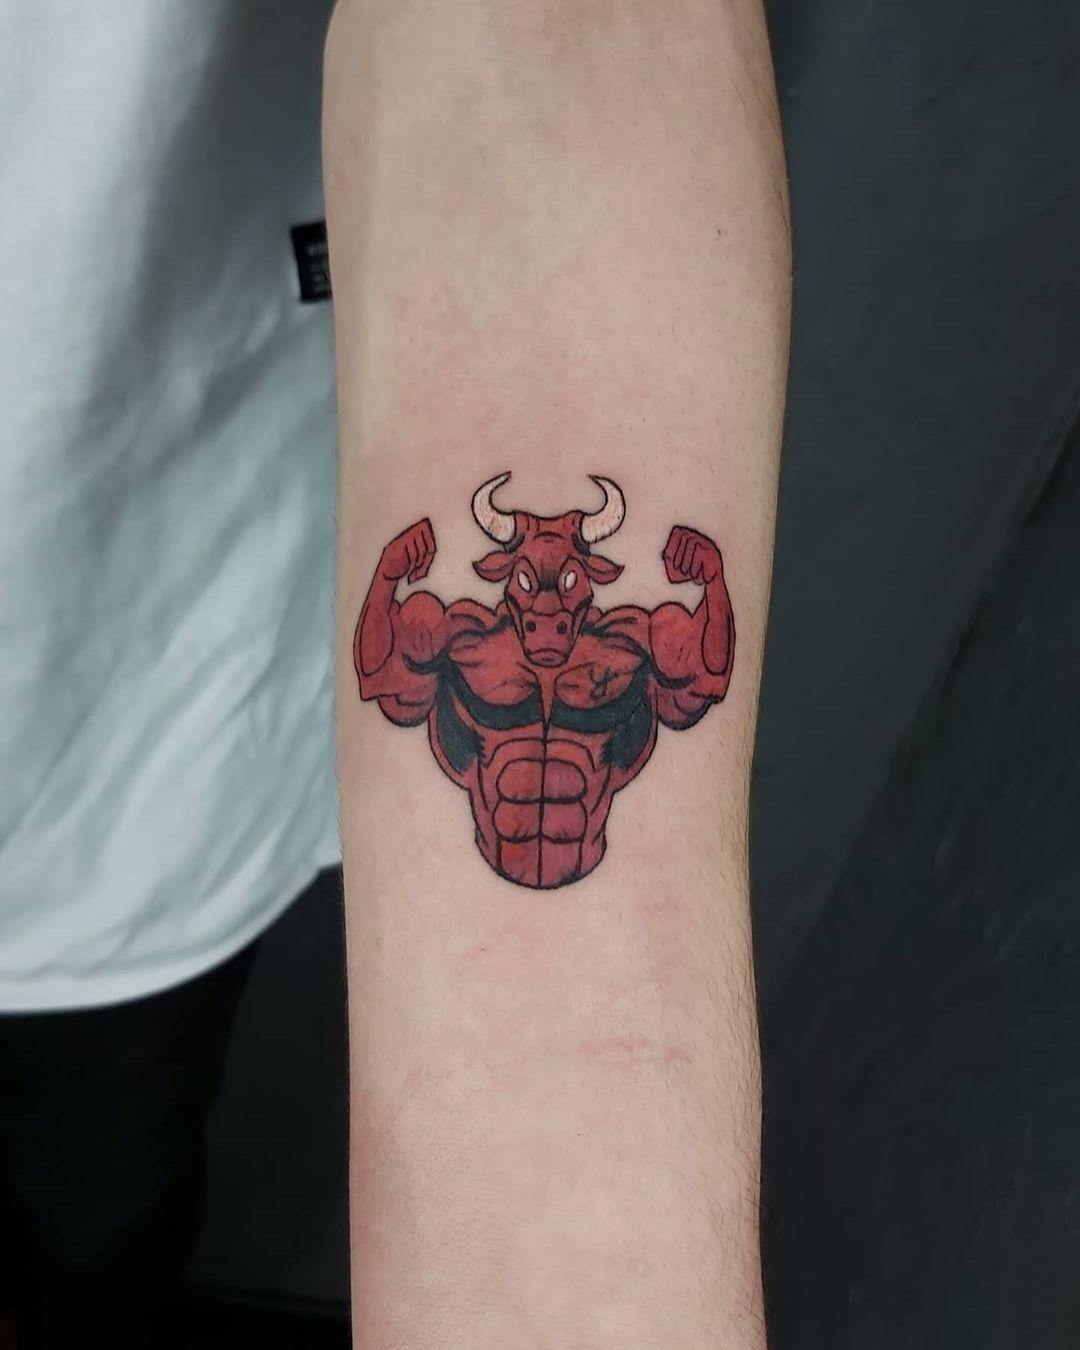 #new #newtattoo #tattoo #tattoodesign #tattooart #tattooideas #tattoowork #tattoomagazine #tattoodo #tattoosociety #tattoosocial #tattoolovers #tattoos #inked #art #artwork #inkedup #tattoocolor #tattooinsta #ink #inktattoo #ankaratattoo #ankara #blacktattoo #blacktattooart